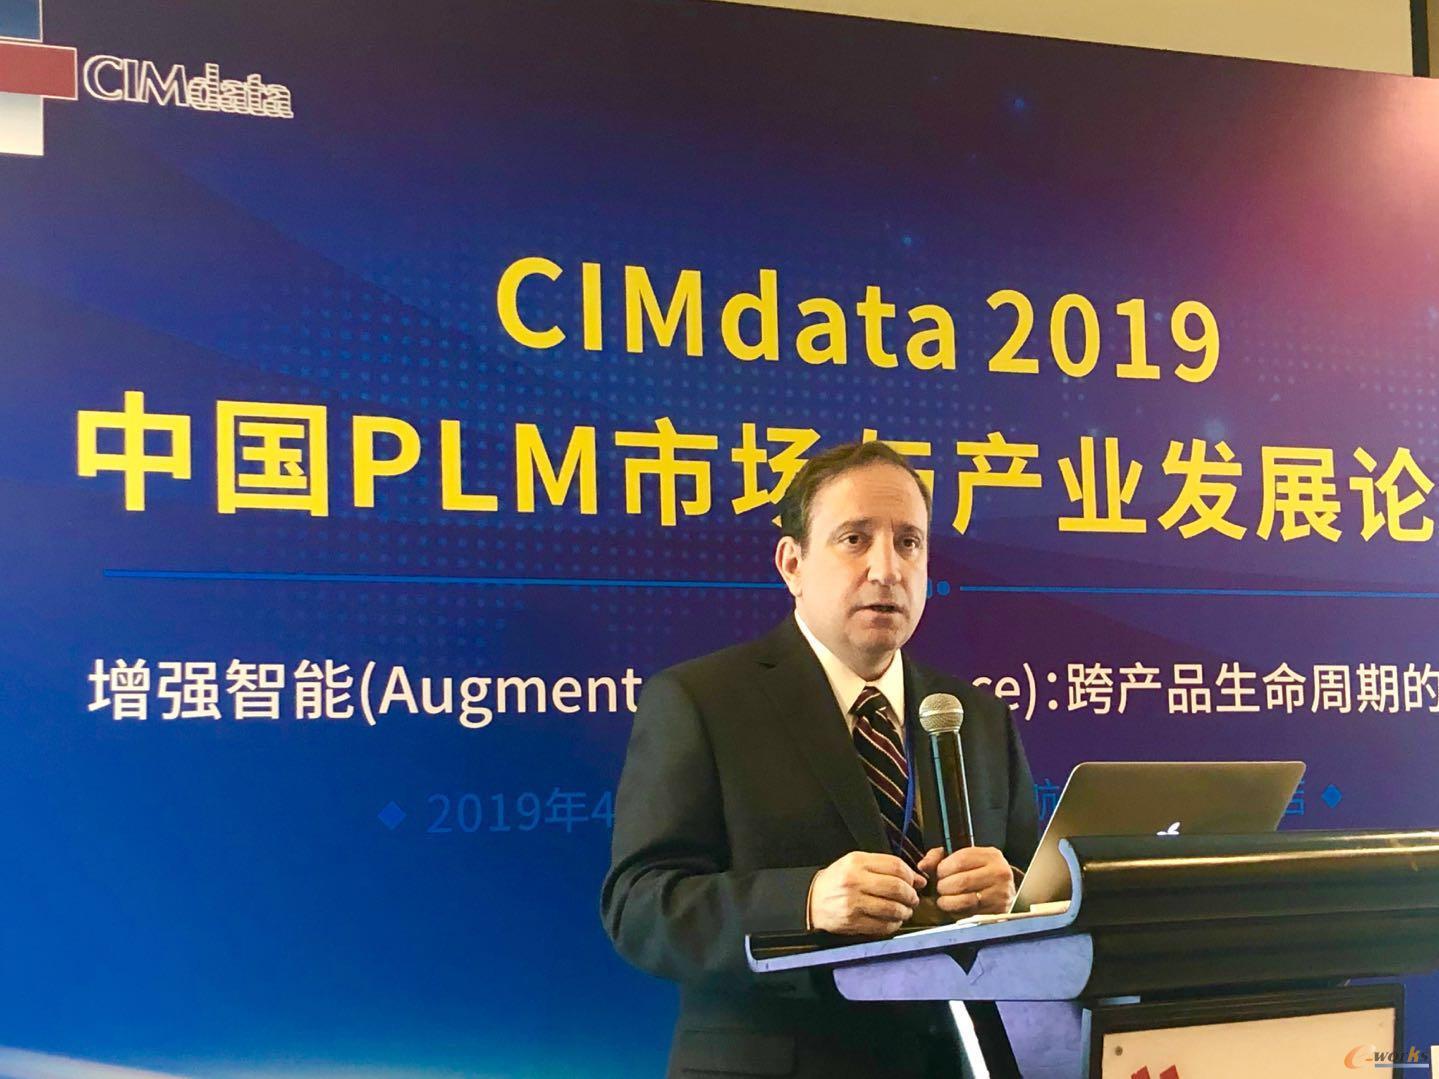 CIMdata 2019中國PLM市場與產業發展論壇成功舉辦